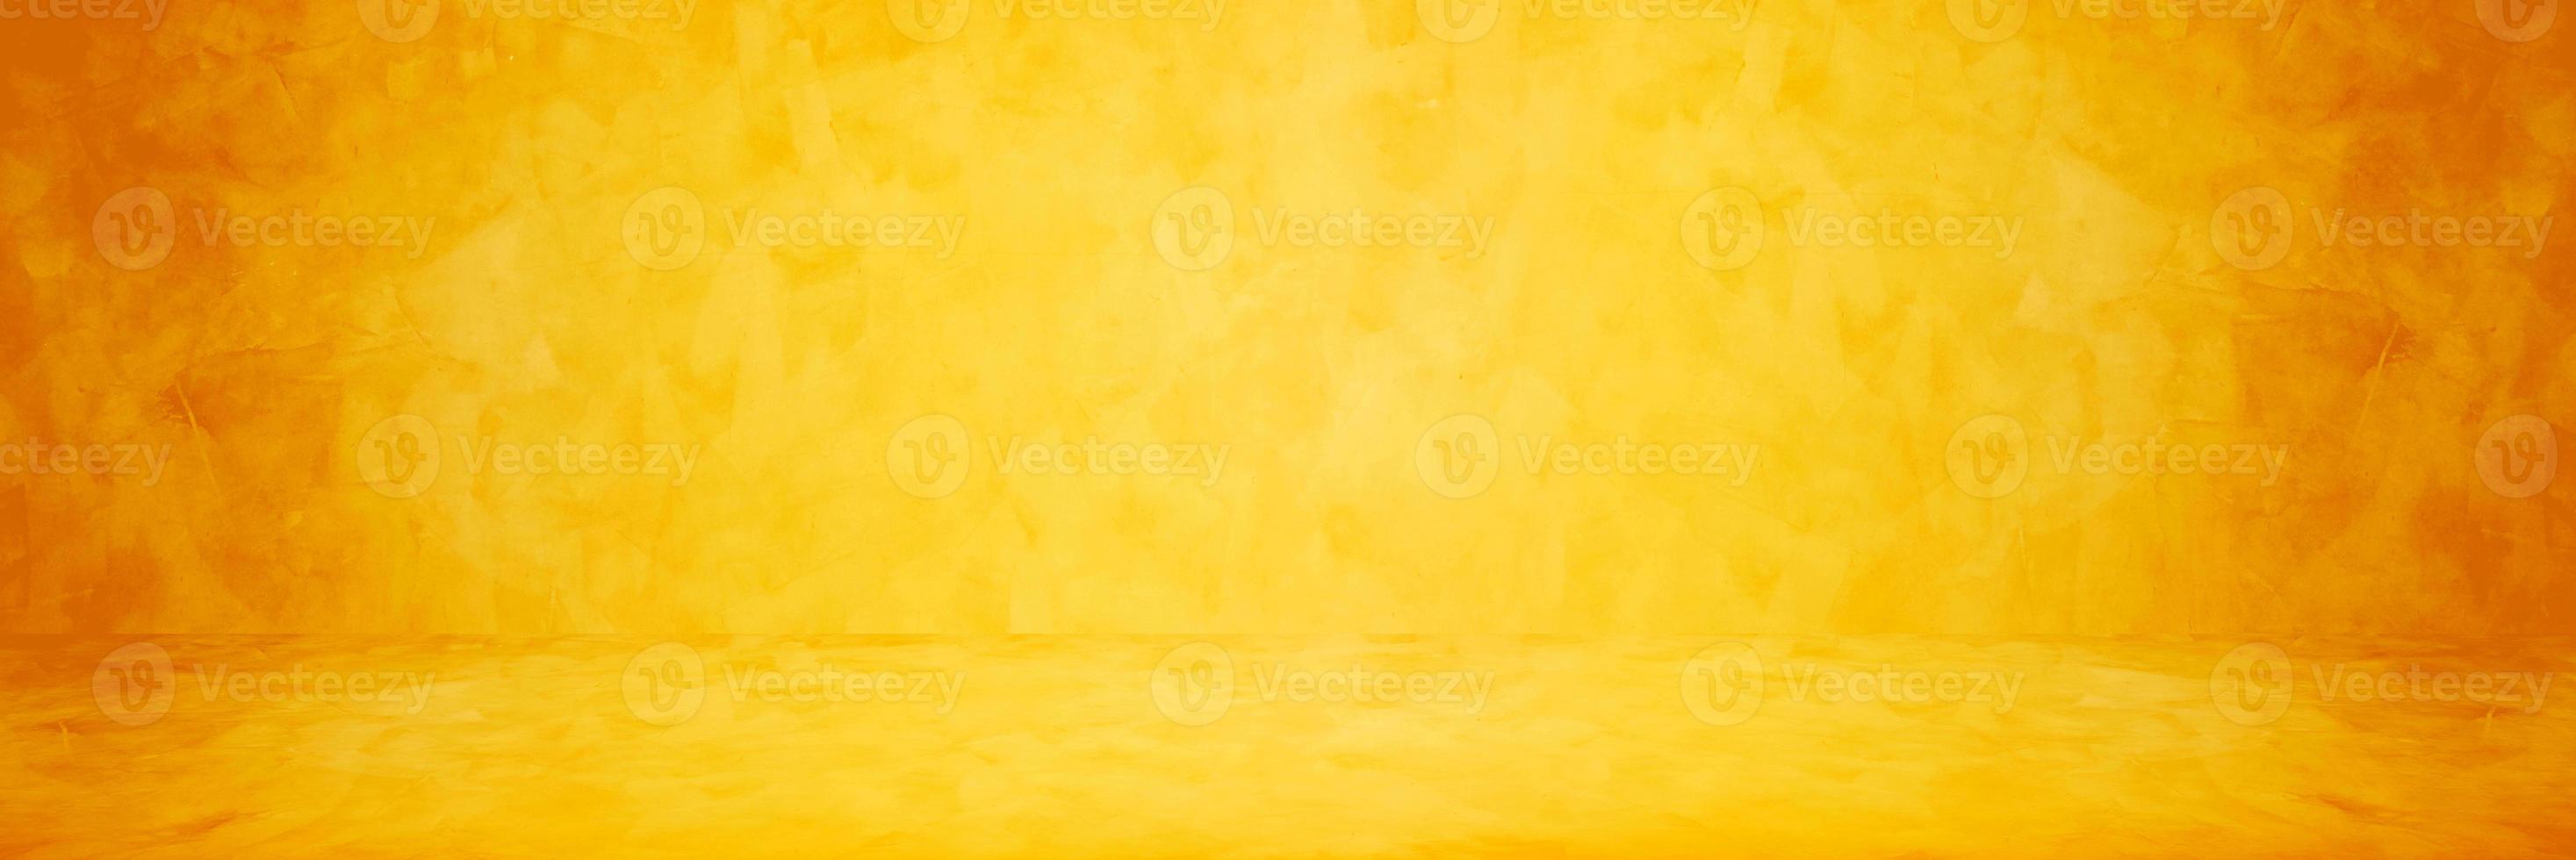 geel of oranje cement of betonnen muur voor achtergrond of textuur foto